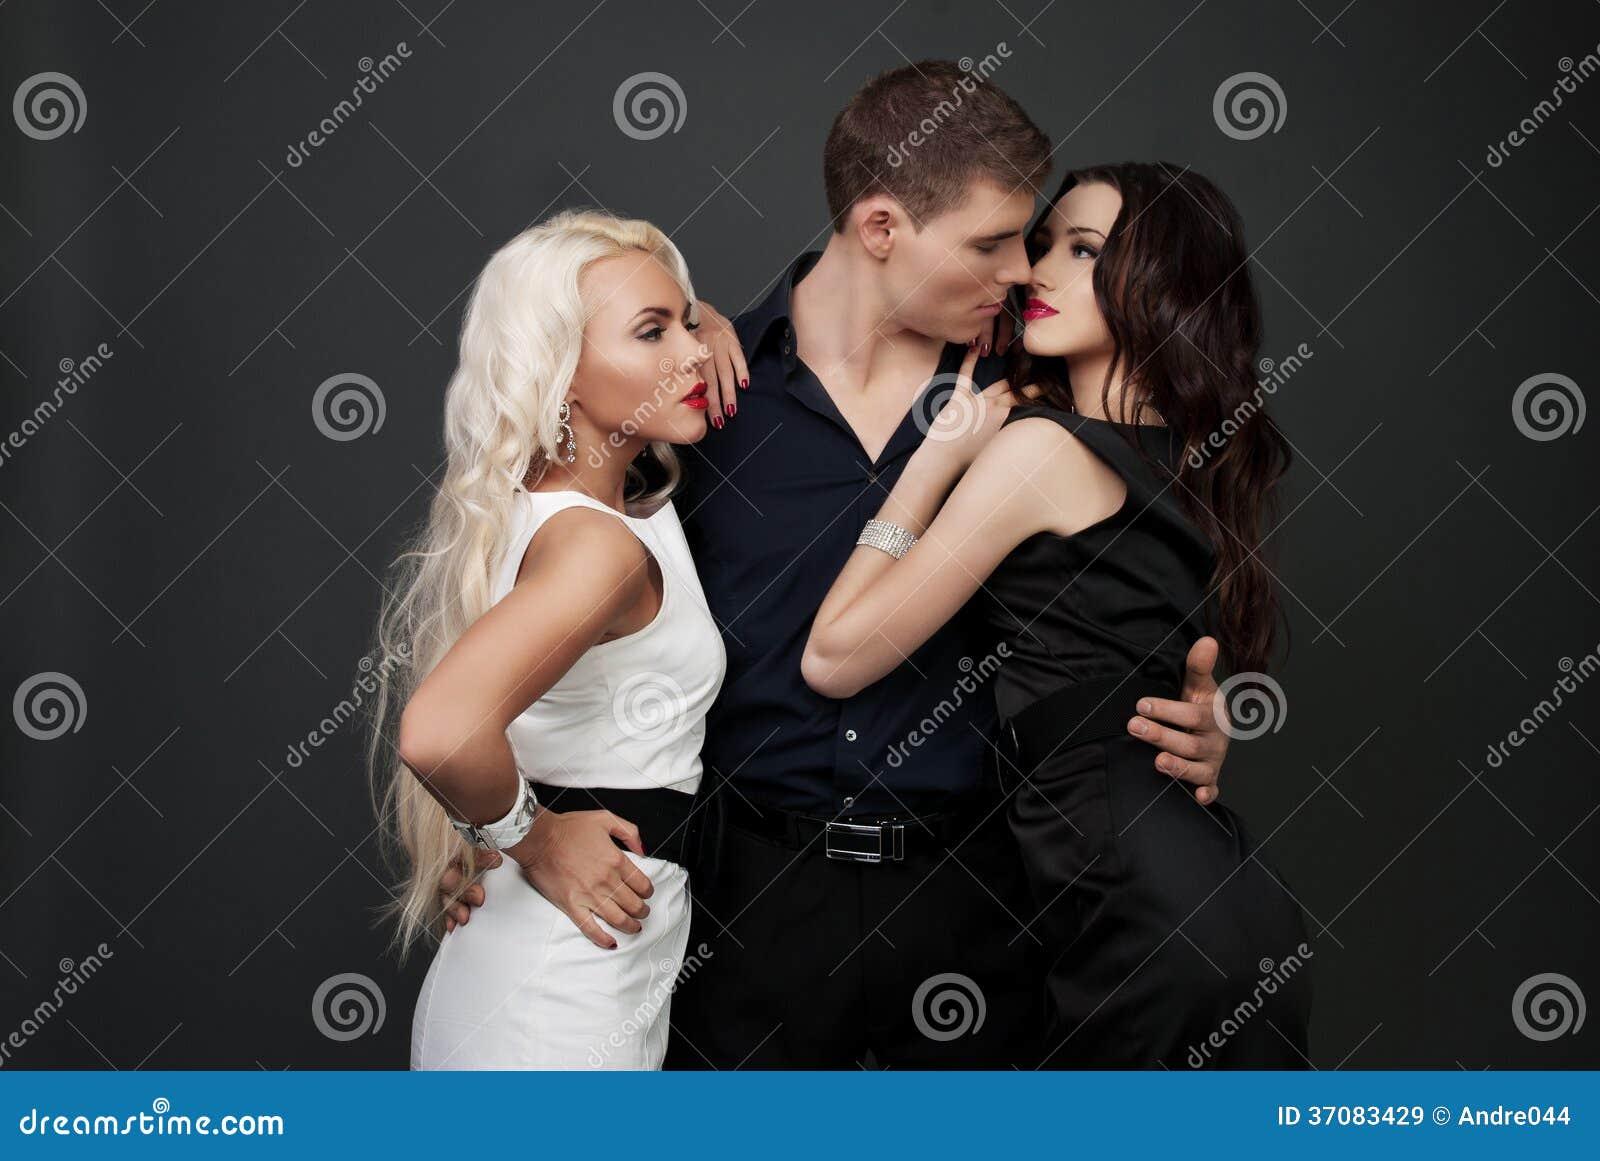 Amour d 39 hommes et de femmes histoire d 39 amour chaude - Amour entre femme et homme dans le lit ...